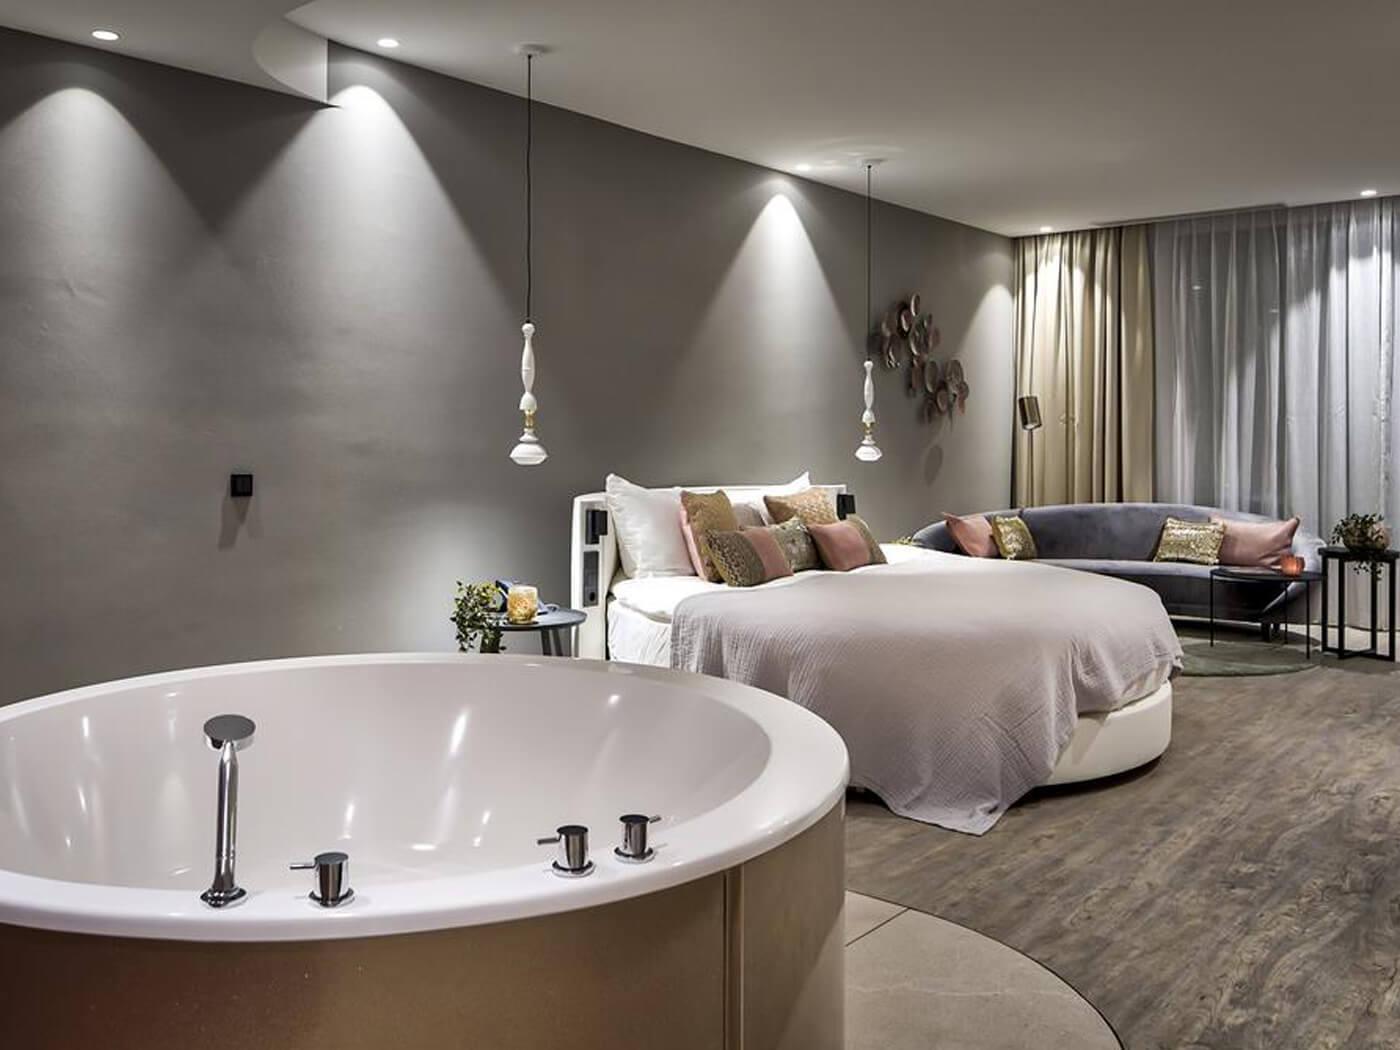 Hotel design Van der Valk Tilburg